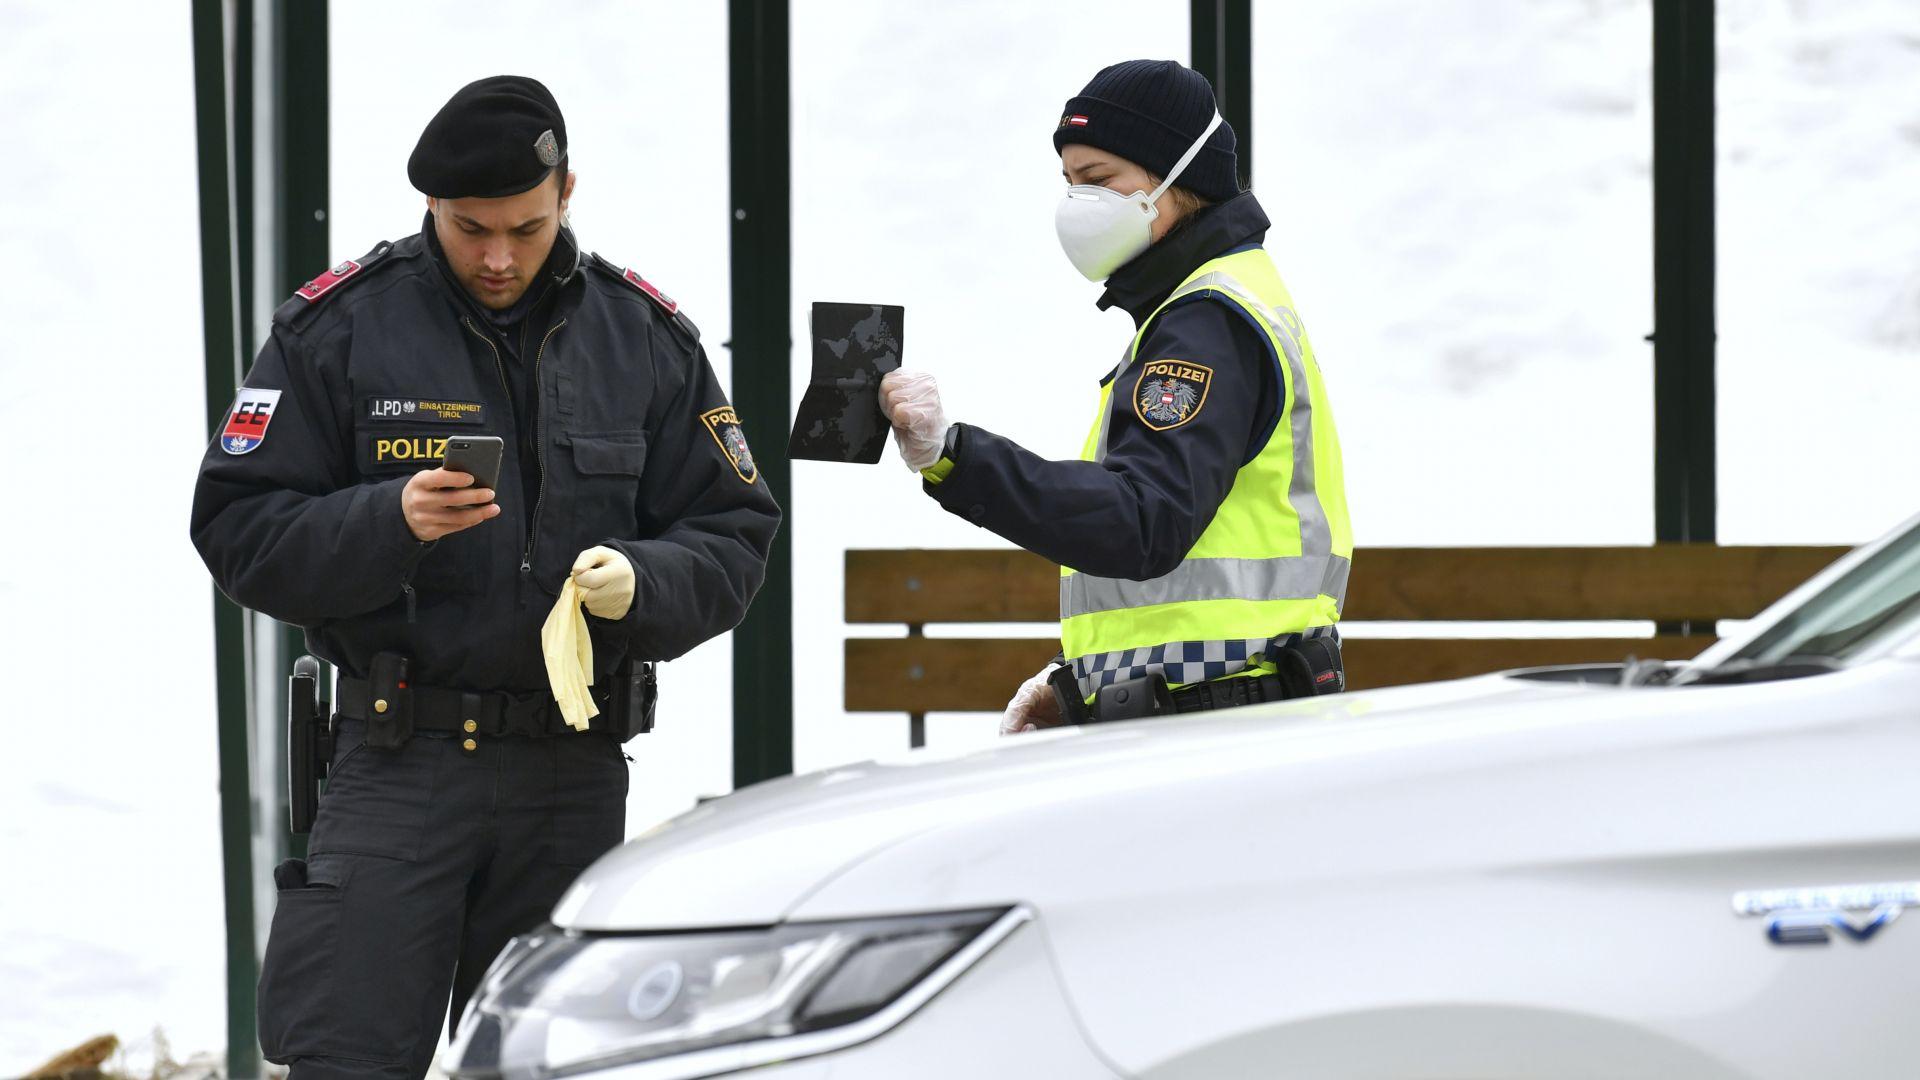 Българи, блокирани в австрийски курорт без работа: Тук е като в Банско, всичко е затворено